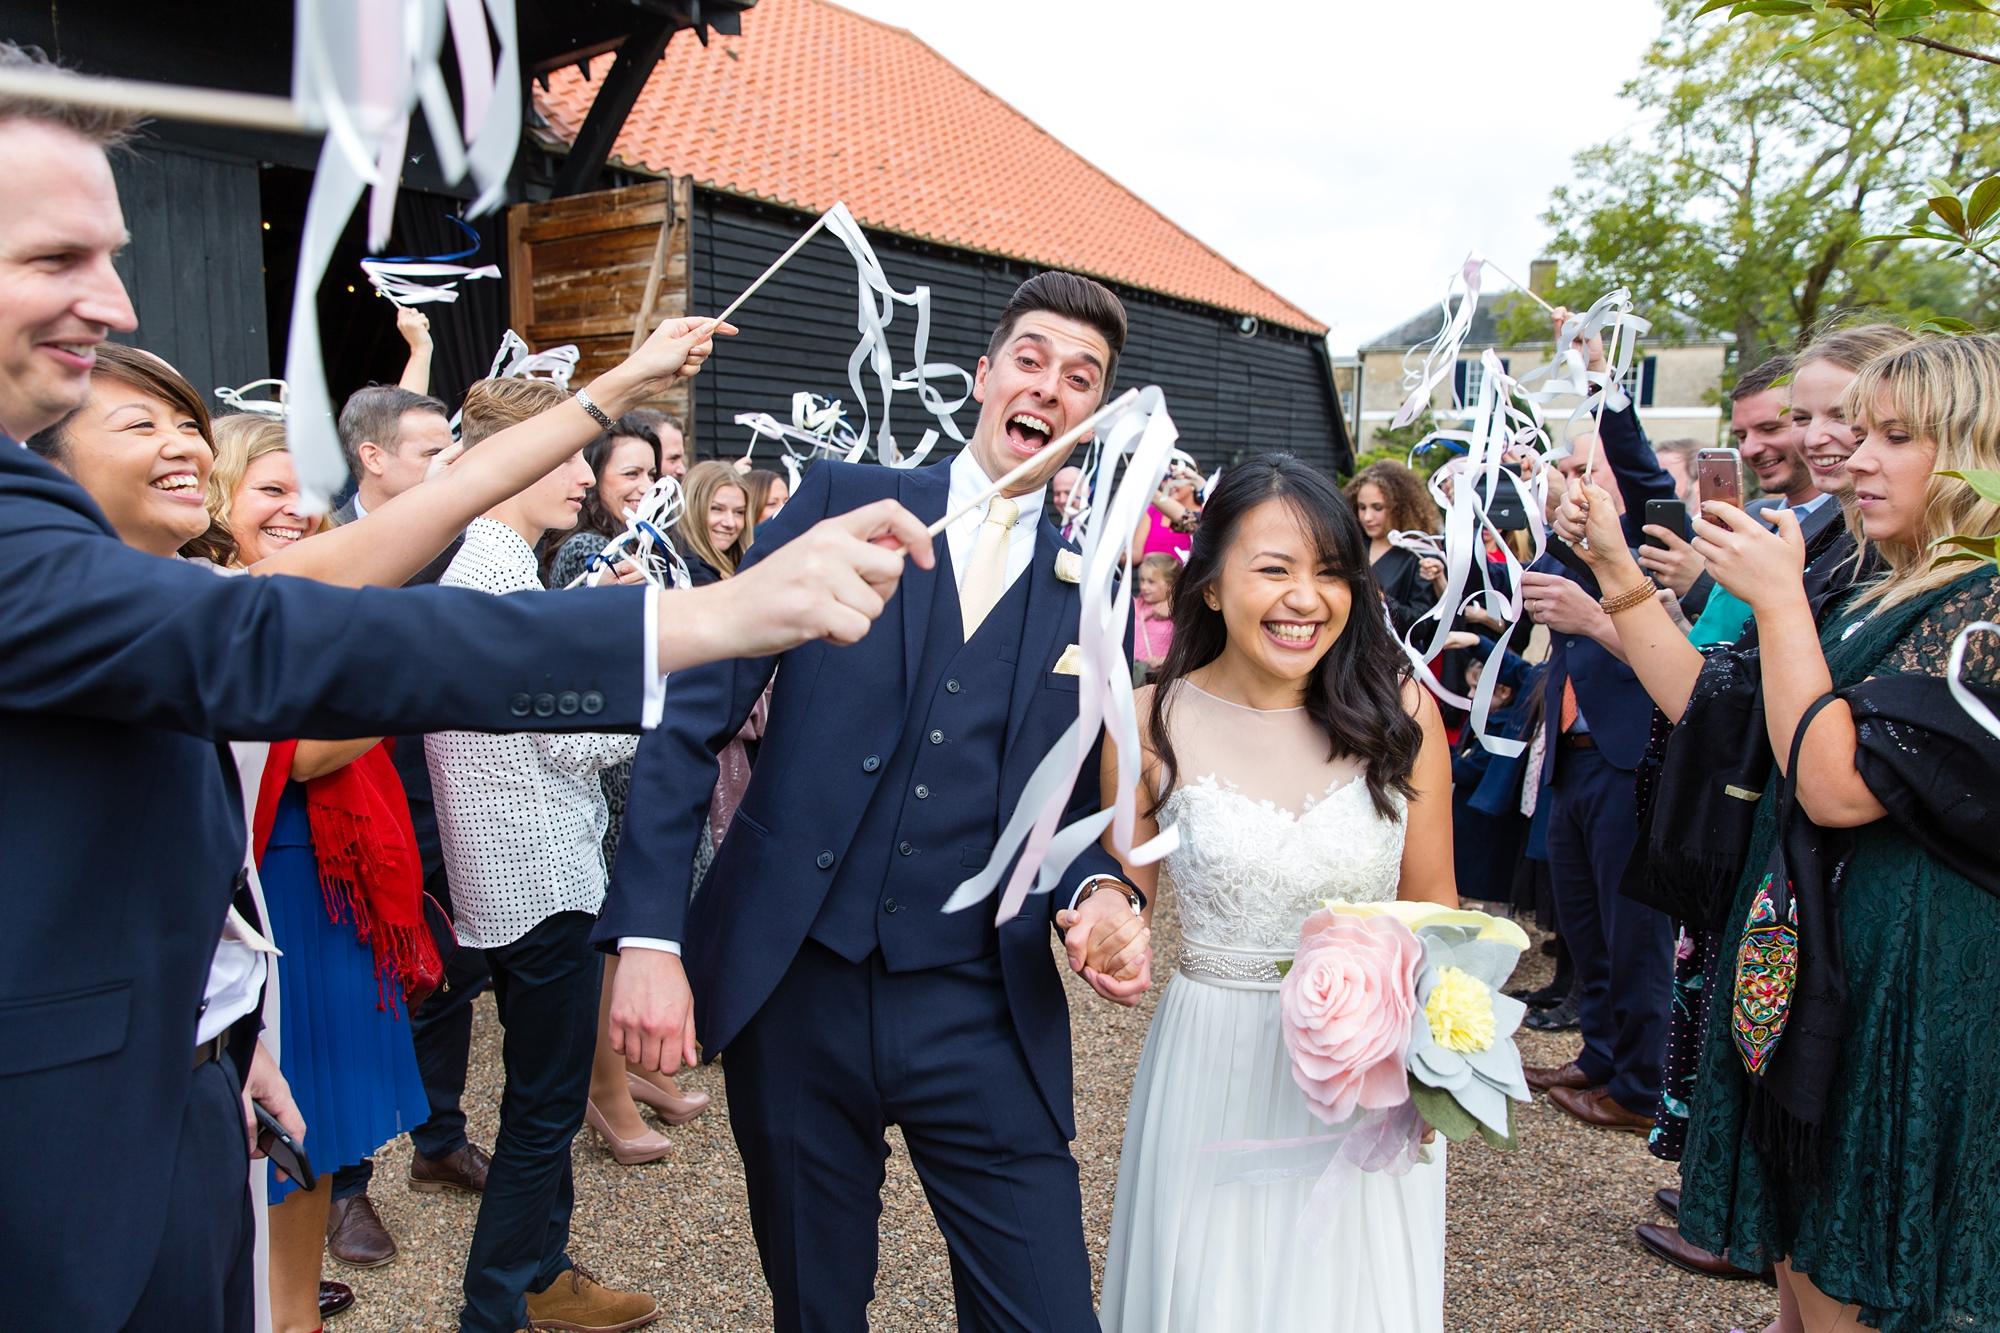 Ribbon Want exit at wedding